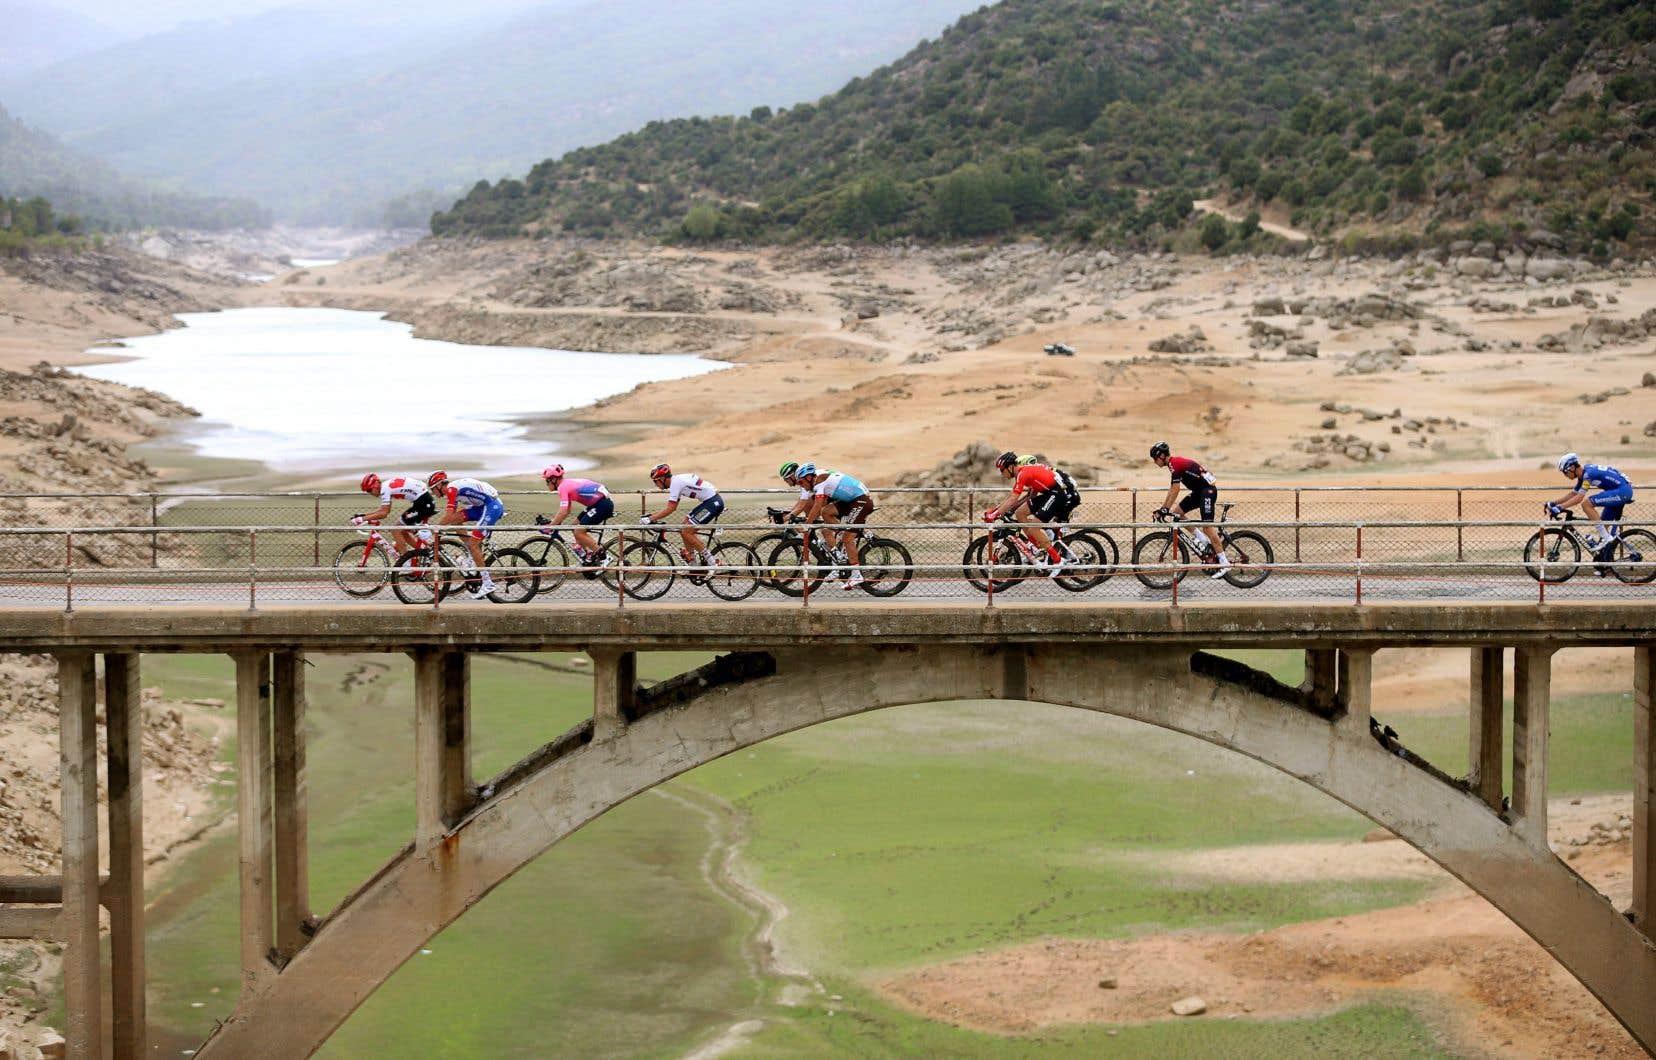 La Vuelta a pris plusieurs mesures qui, on l'espère, permettront aux coureurs de rester en bonne santé et de continuer la course jusqu'à Madrid.